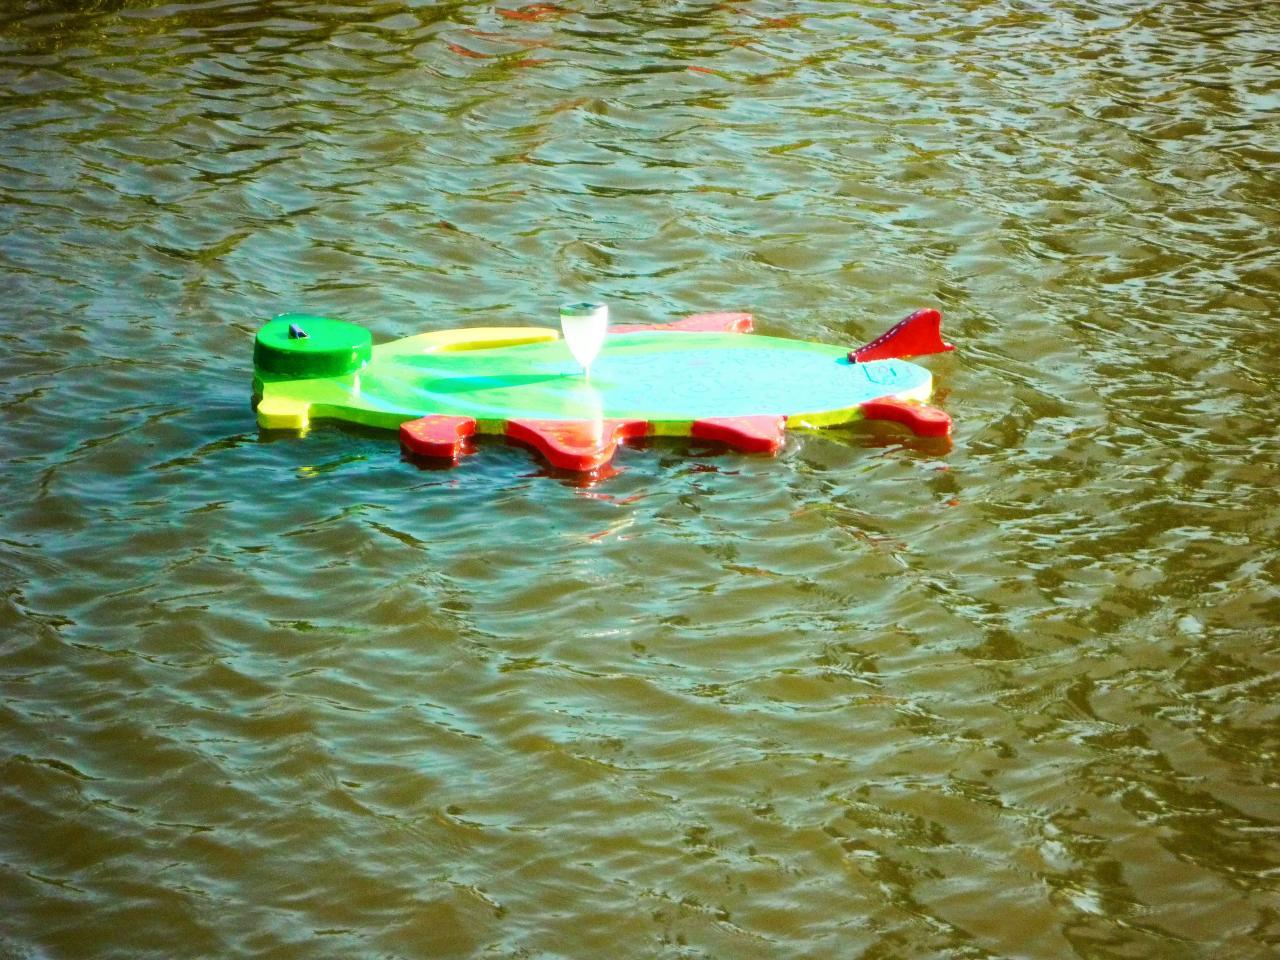 Petit dauphin nageant sur l'eau